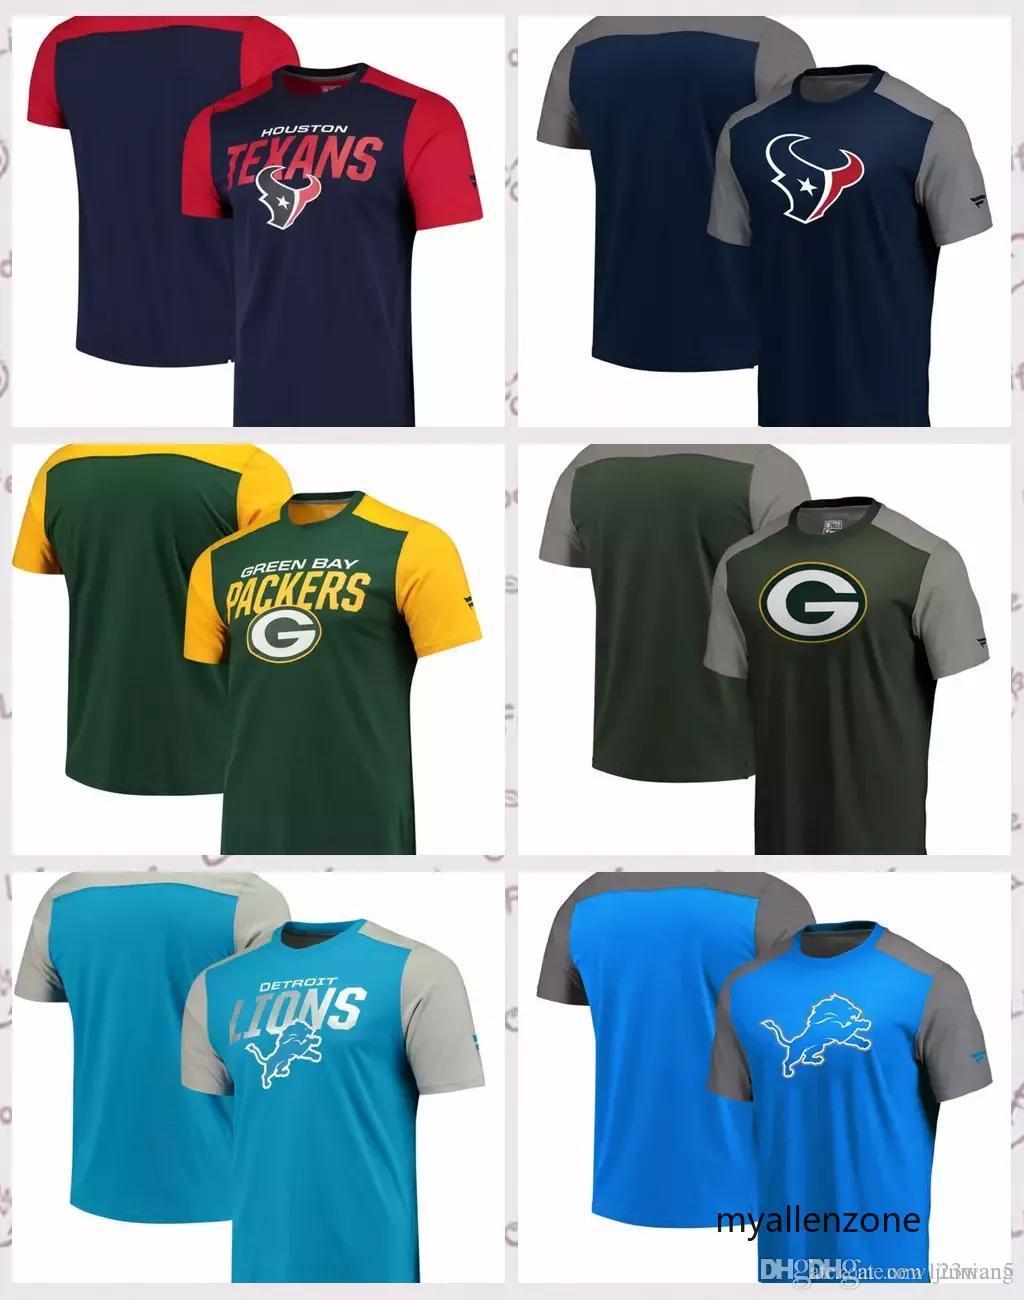 70f5a5c9a Compre Houston Texans Detroit Lions Green Bay Packers Pro Line De Fanatics  Camiseta Icónica De Colores Con Bloques A  37.95 Del Jinnian5